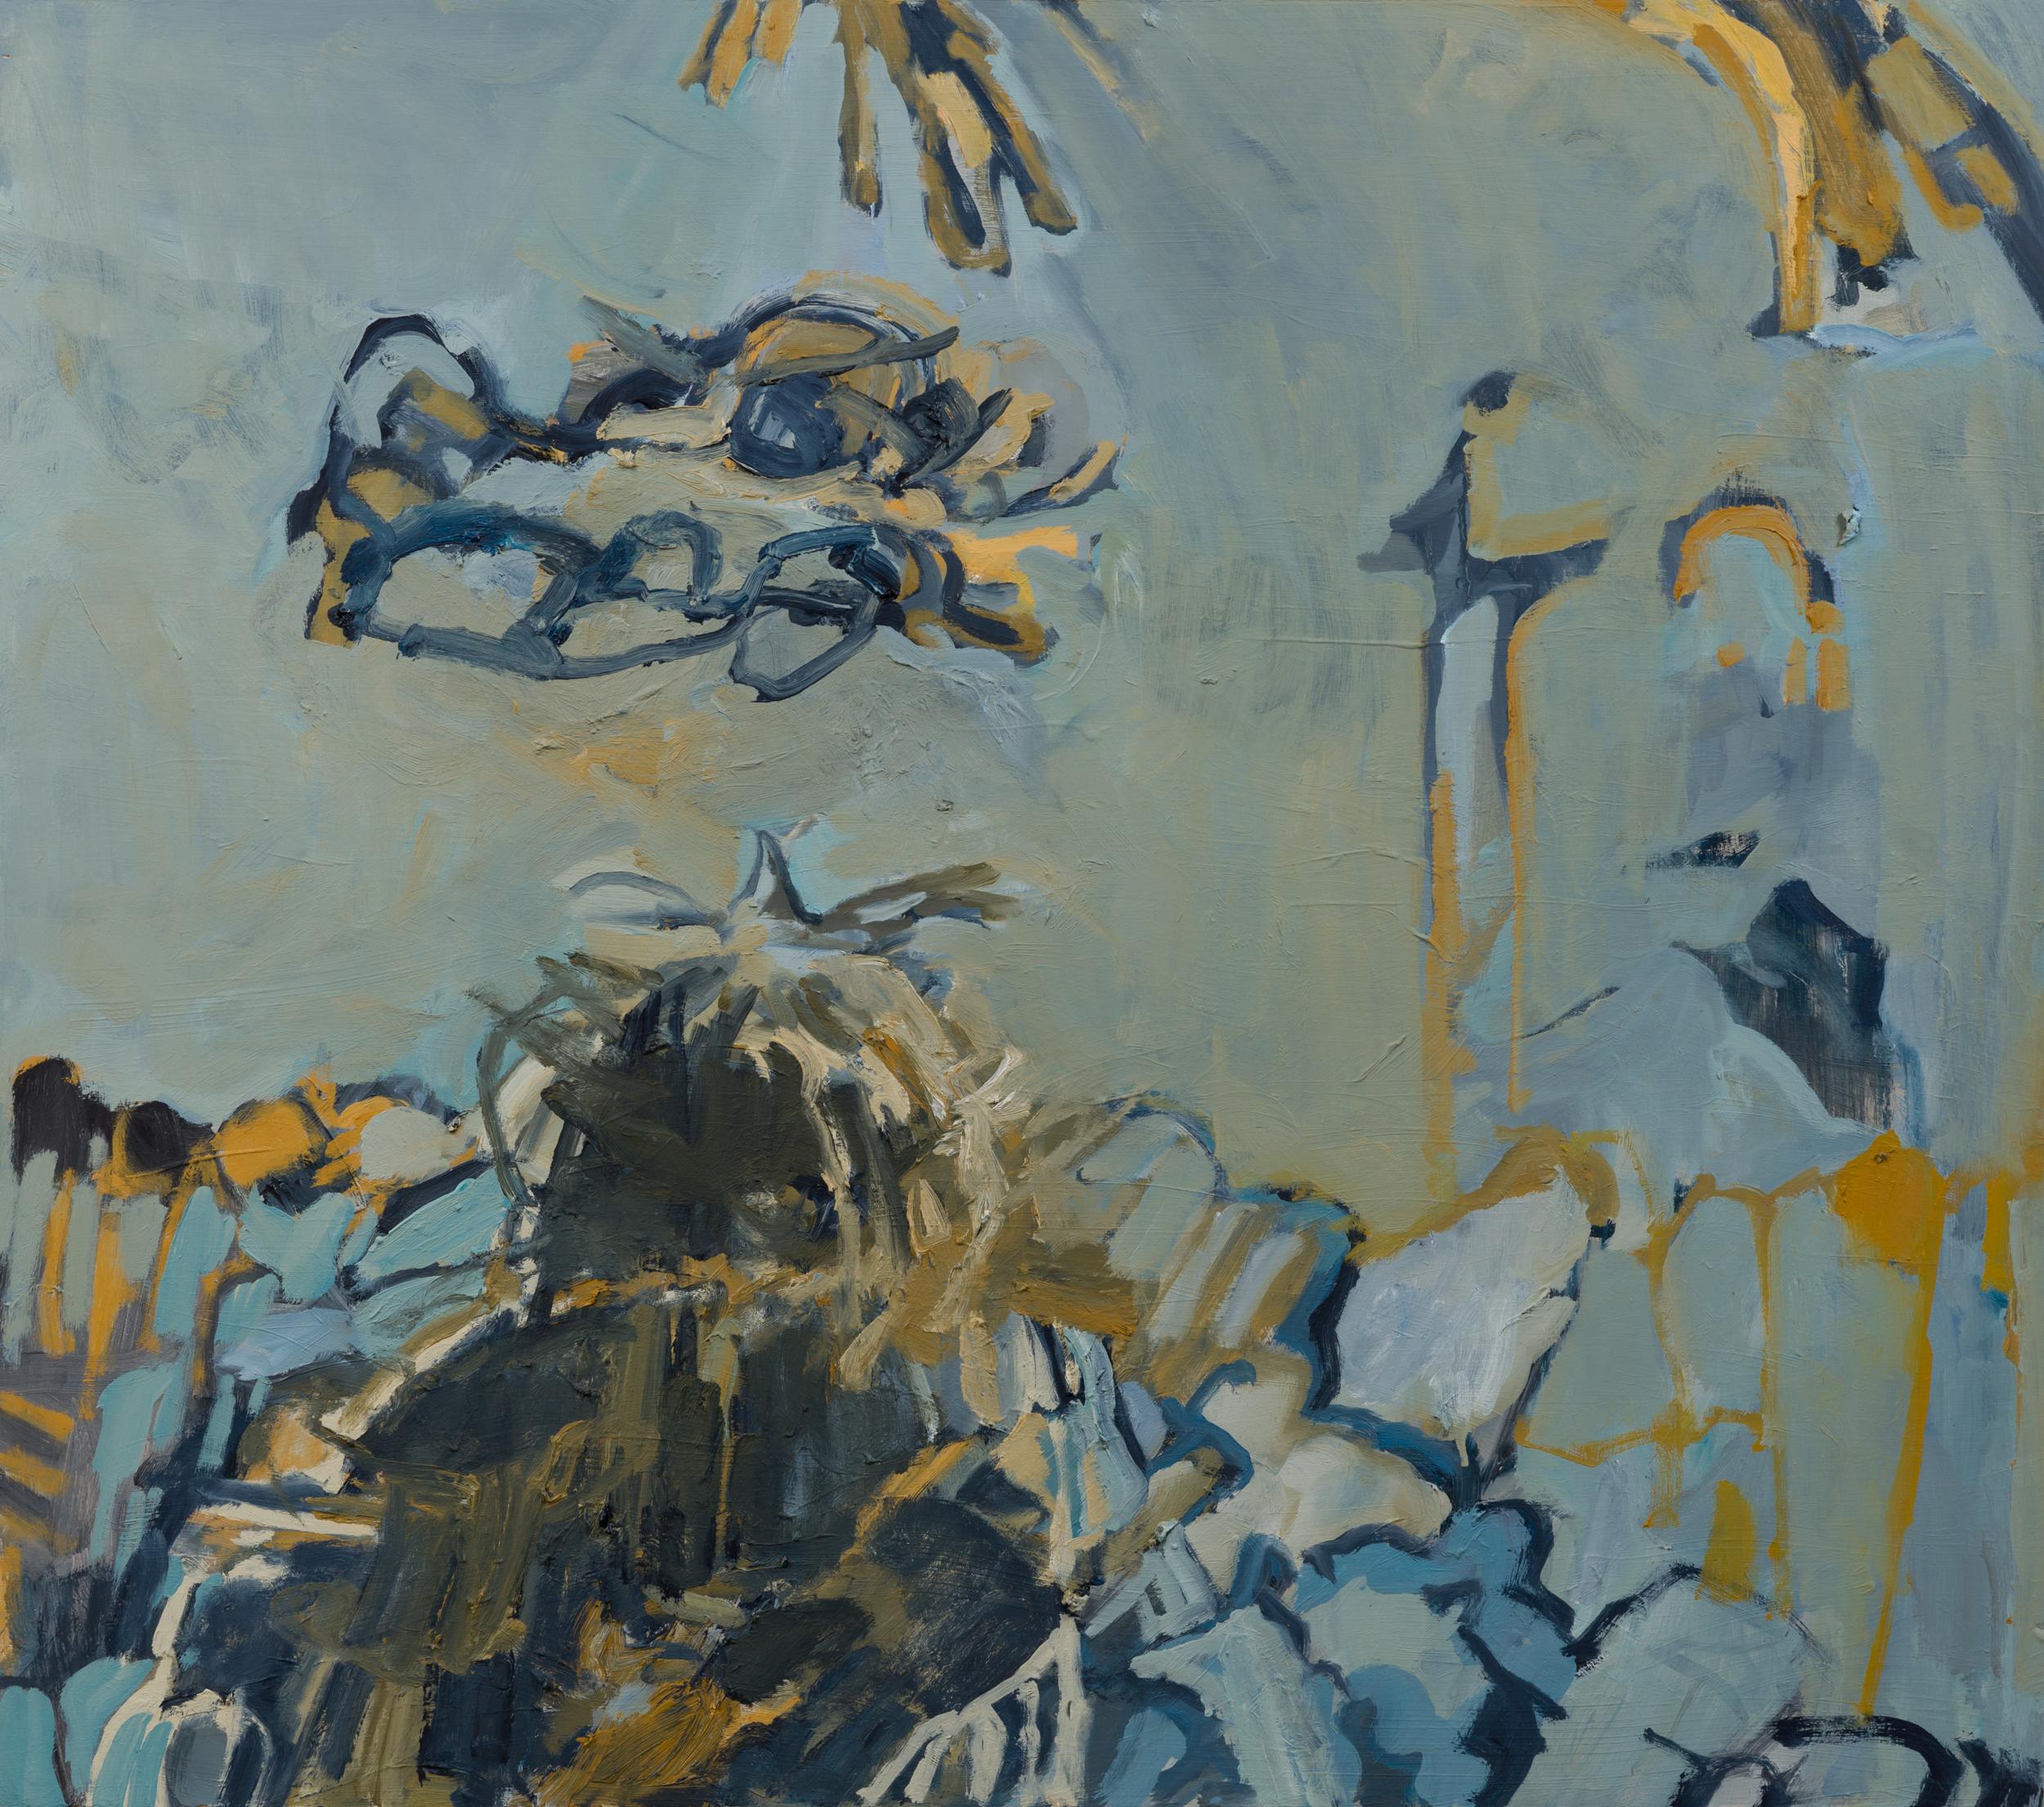 """She II, 30 x 34"""" Oil on Wood Panel, 2019"""